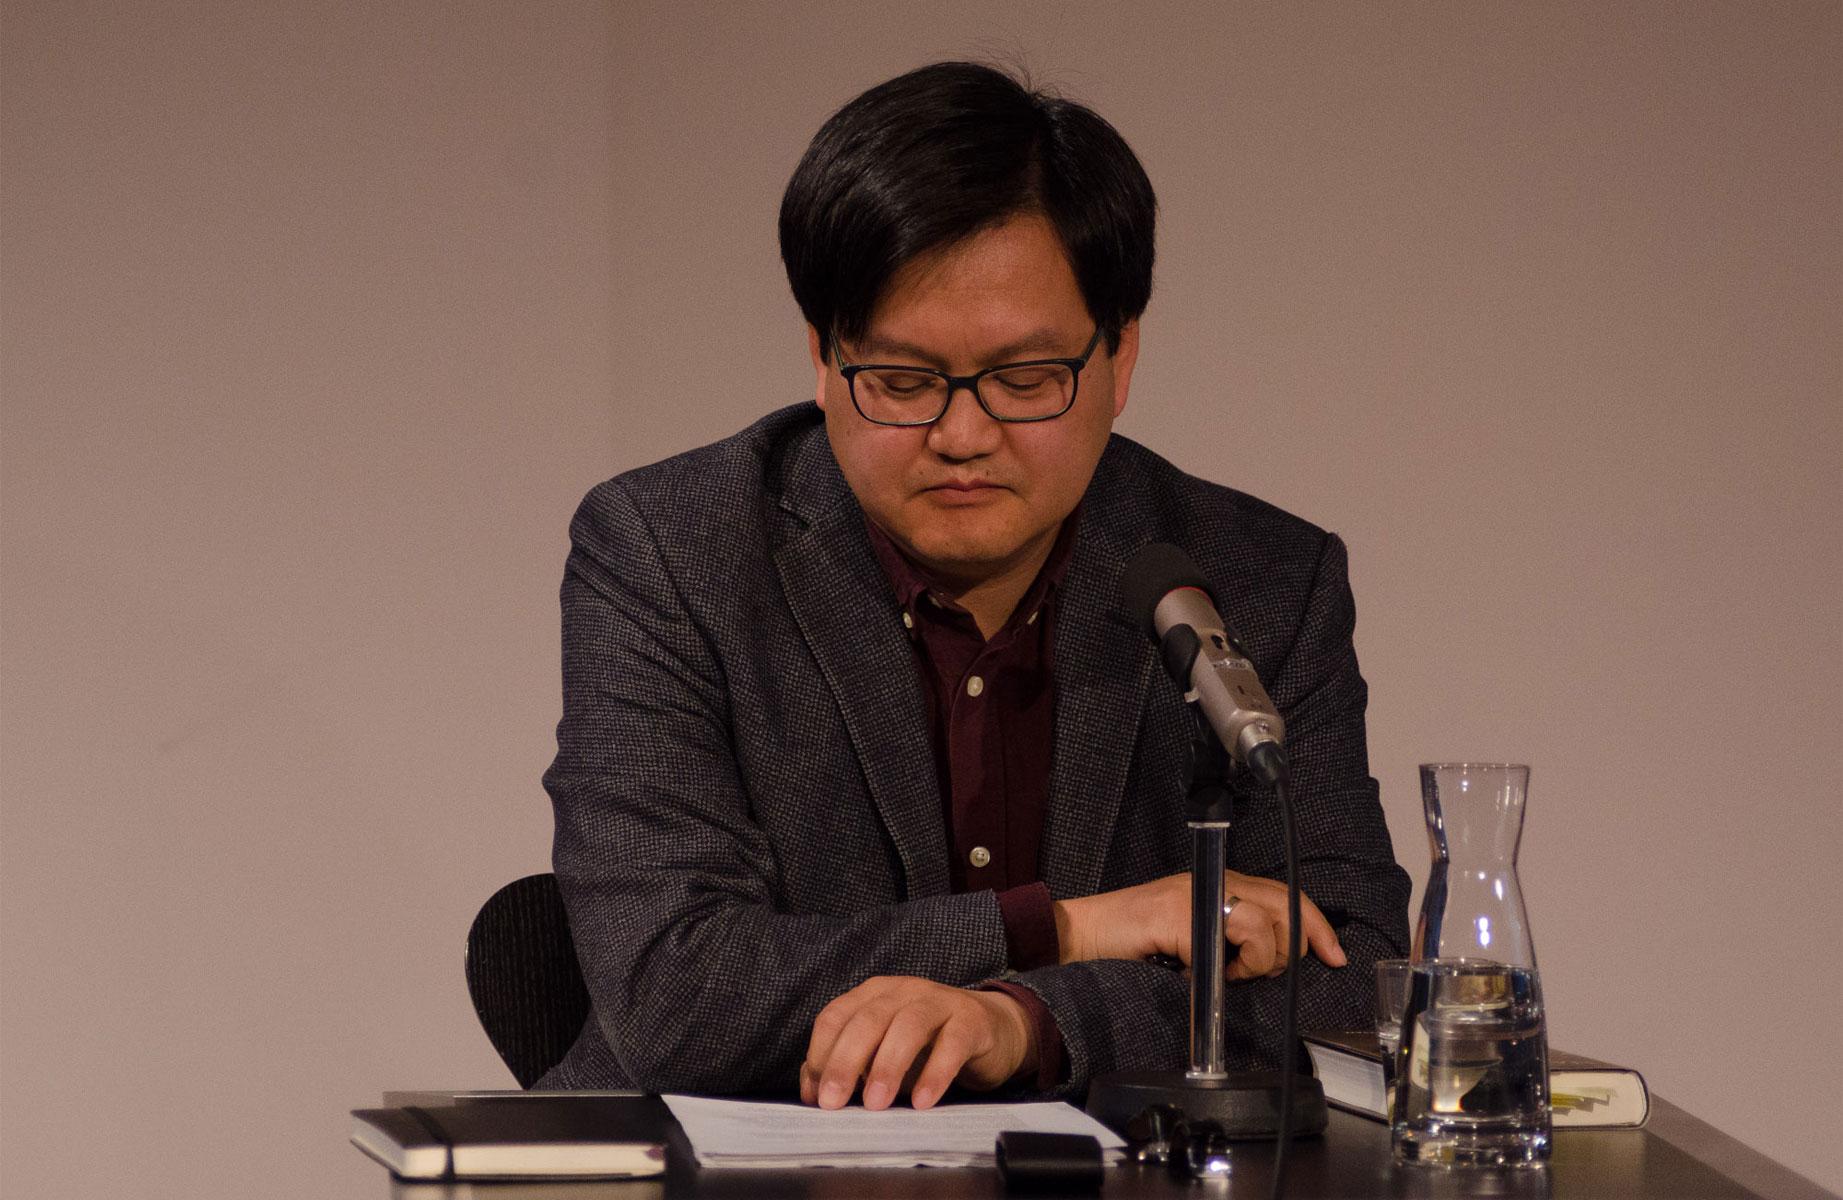 Han Kang: Deine kalten Hände,                                                               Donnerstag, 16.05.19               /                   19.30              Uhr                               <br/>(c) Simon Adolphi